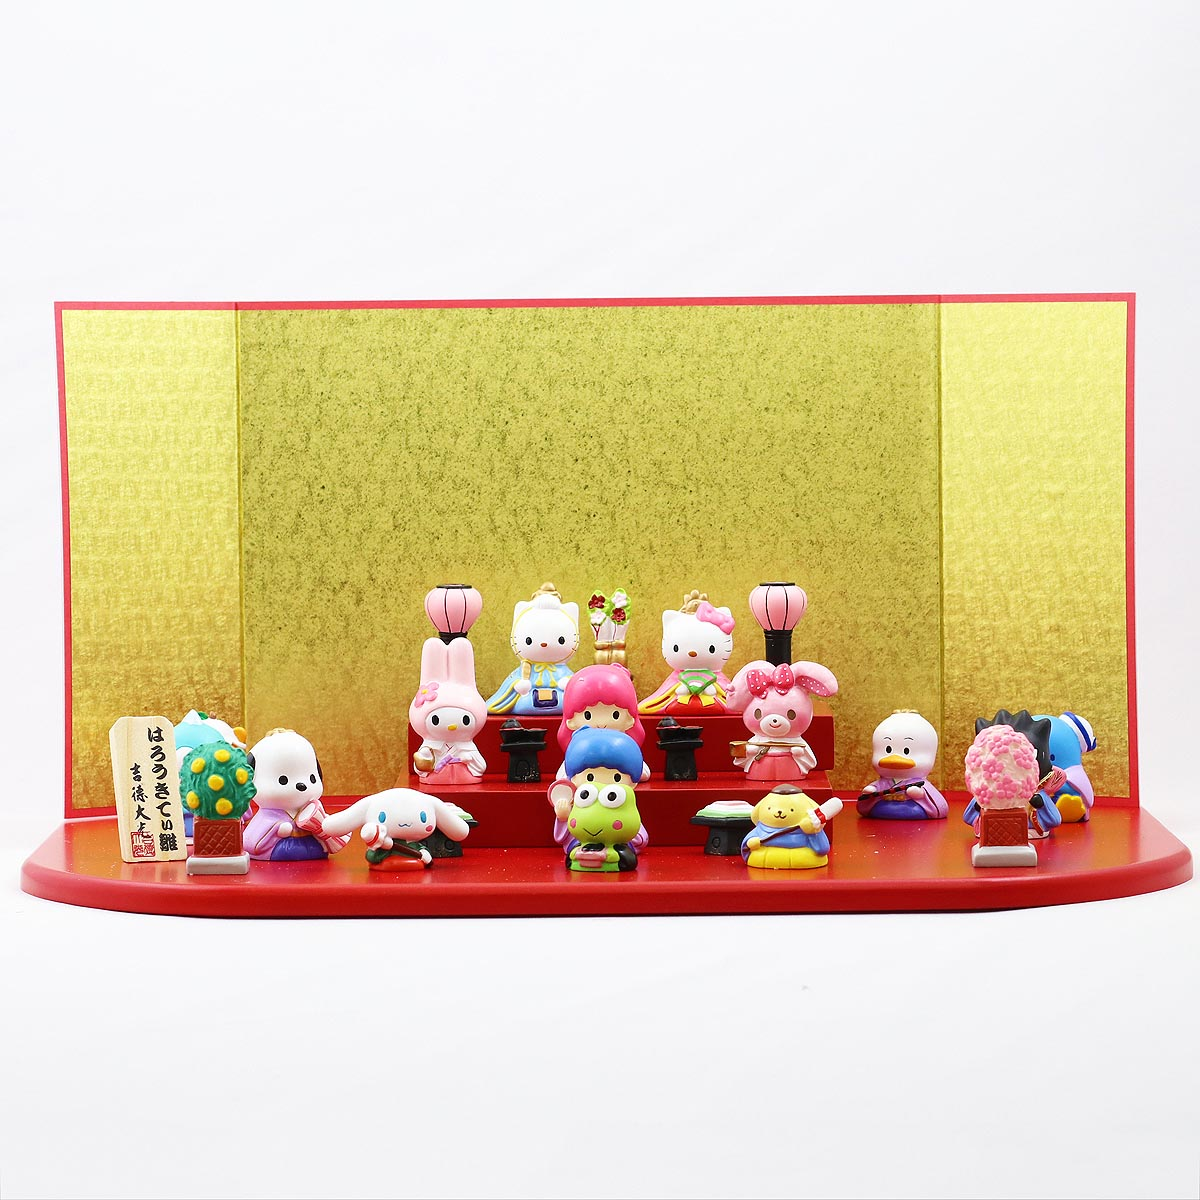 雛人形 吉徳 吉徳大光 コンパクト キャラ雛 ハローキティ 段飾り 雛人形 HNY-183-225 (183225)ひな人形 かわいい おしゃれ インテリア 雛 ひな人形 小さい ミニ